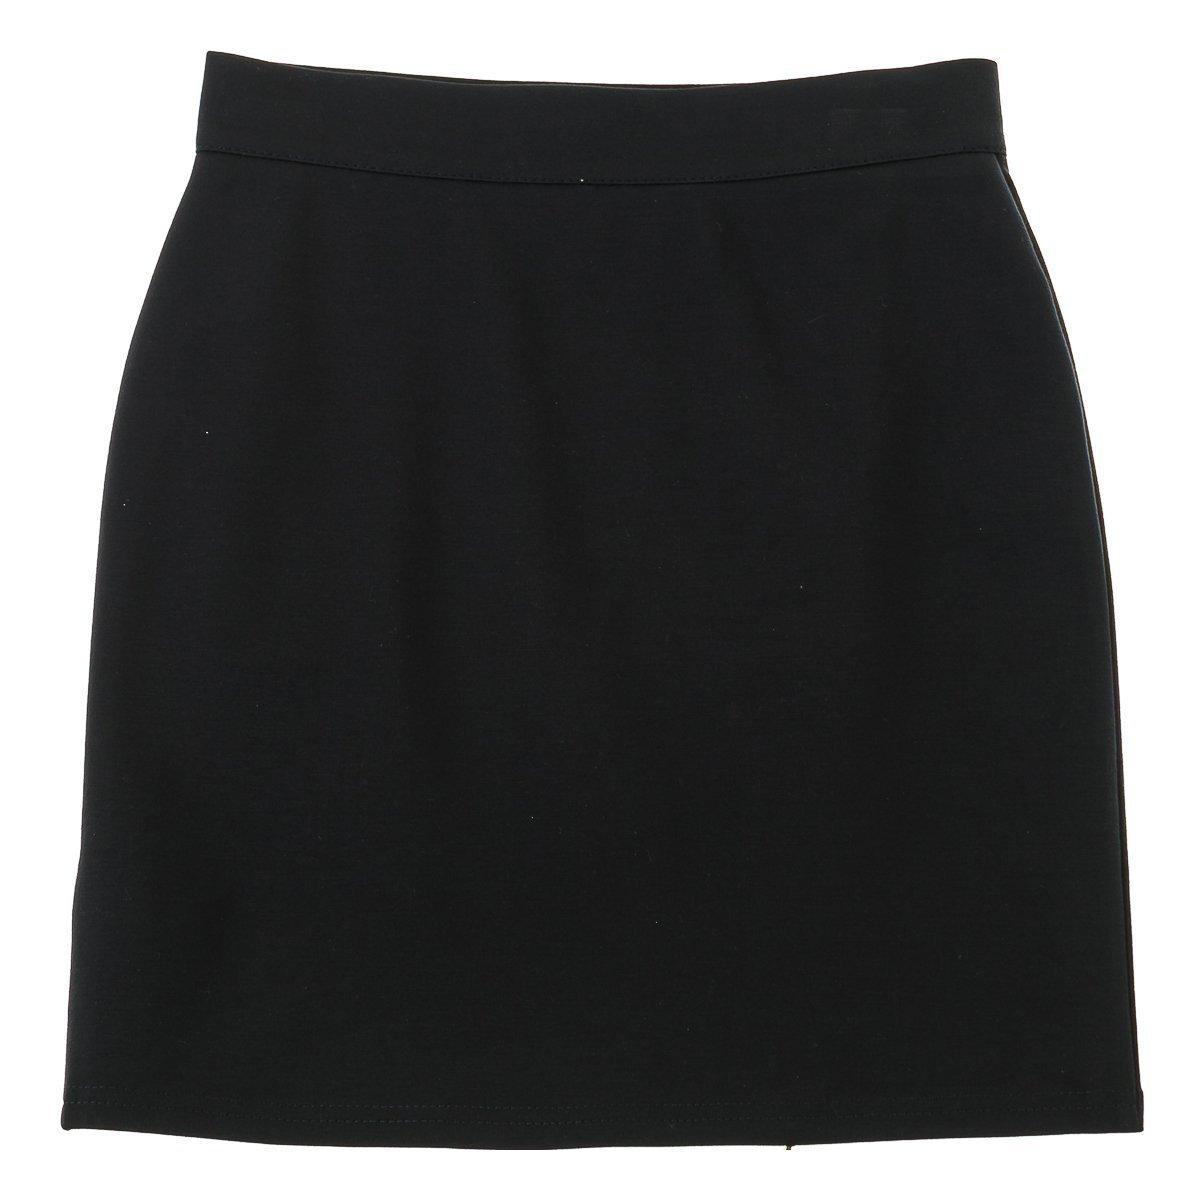 Купить Платья, сарафаны, юбки, Юбка Mevis Black Coal, р. 158 2366-01 ТМ: Mevis, черный